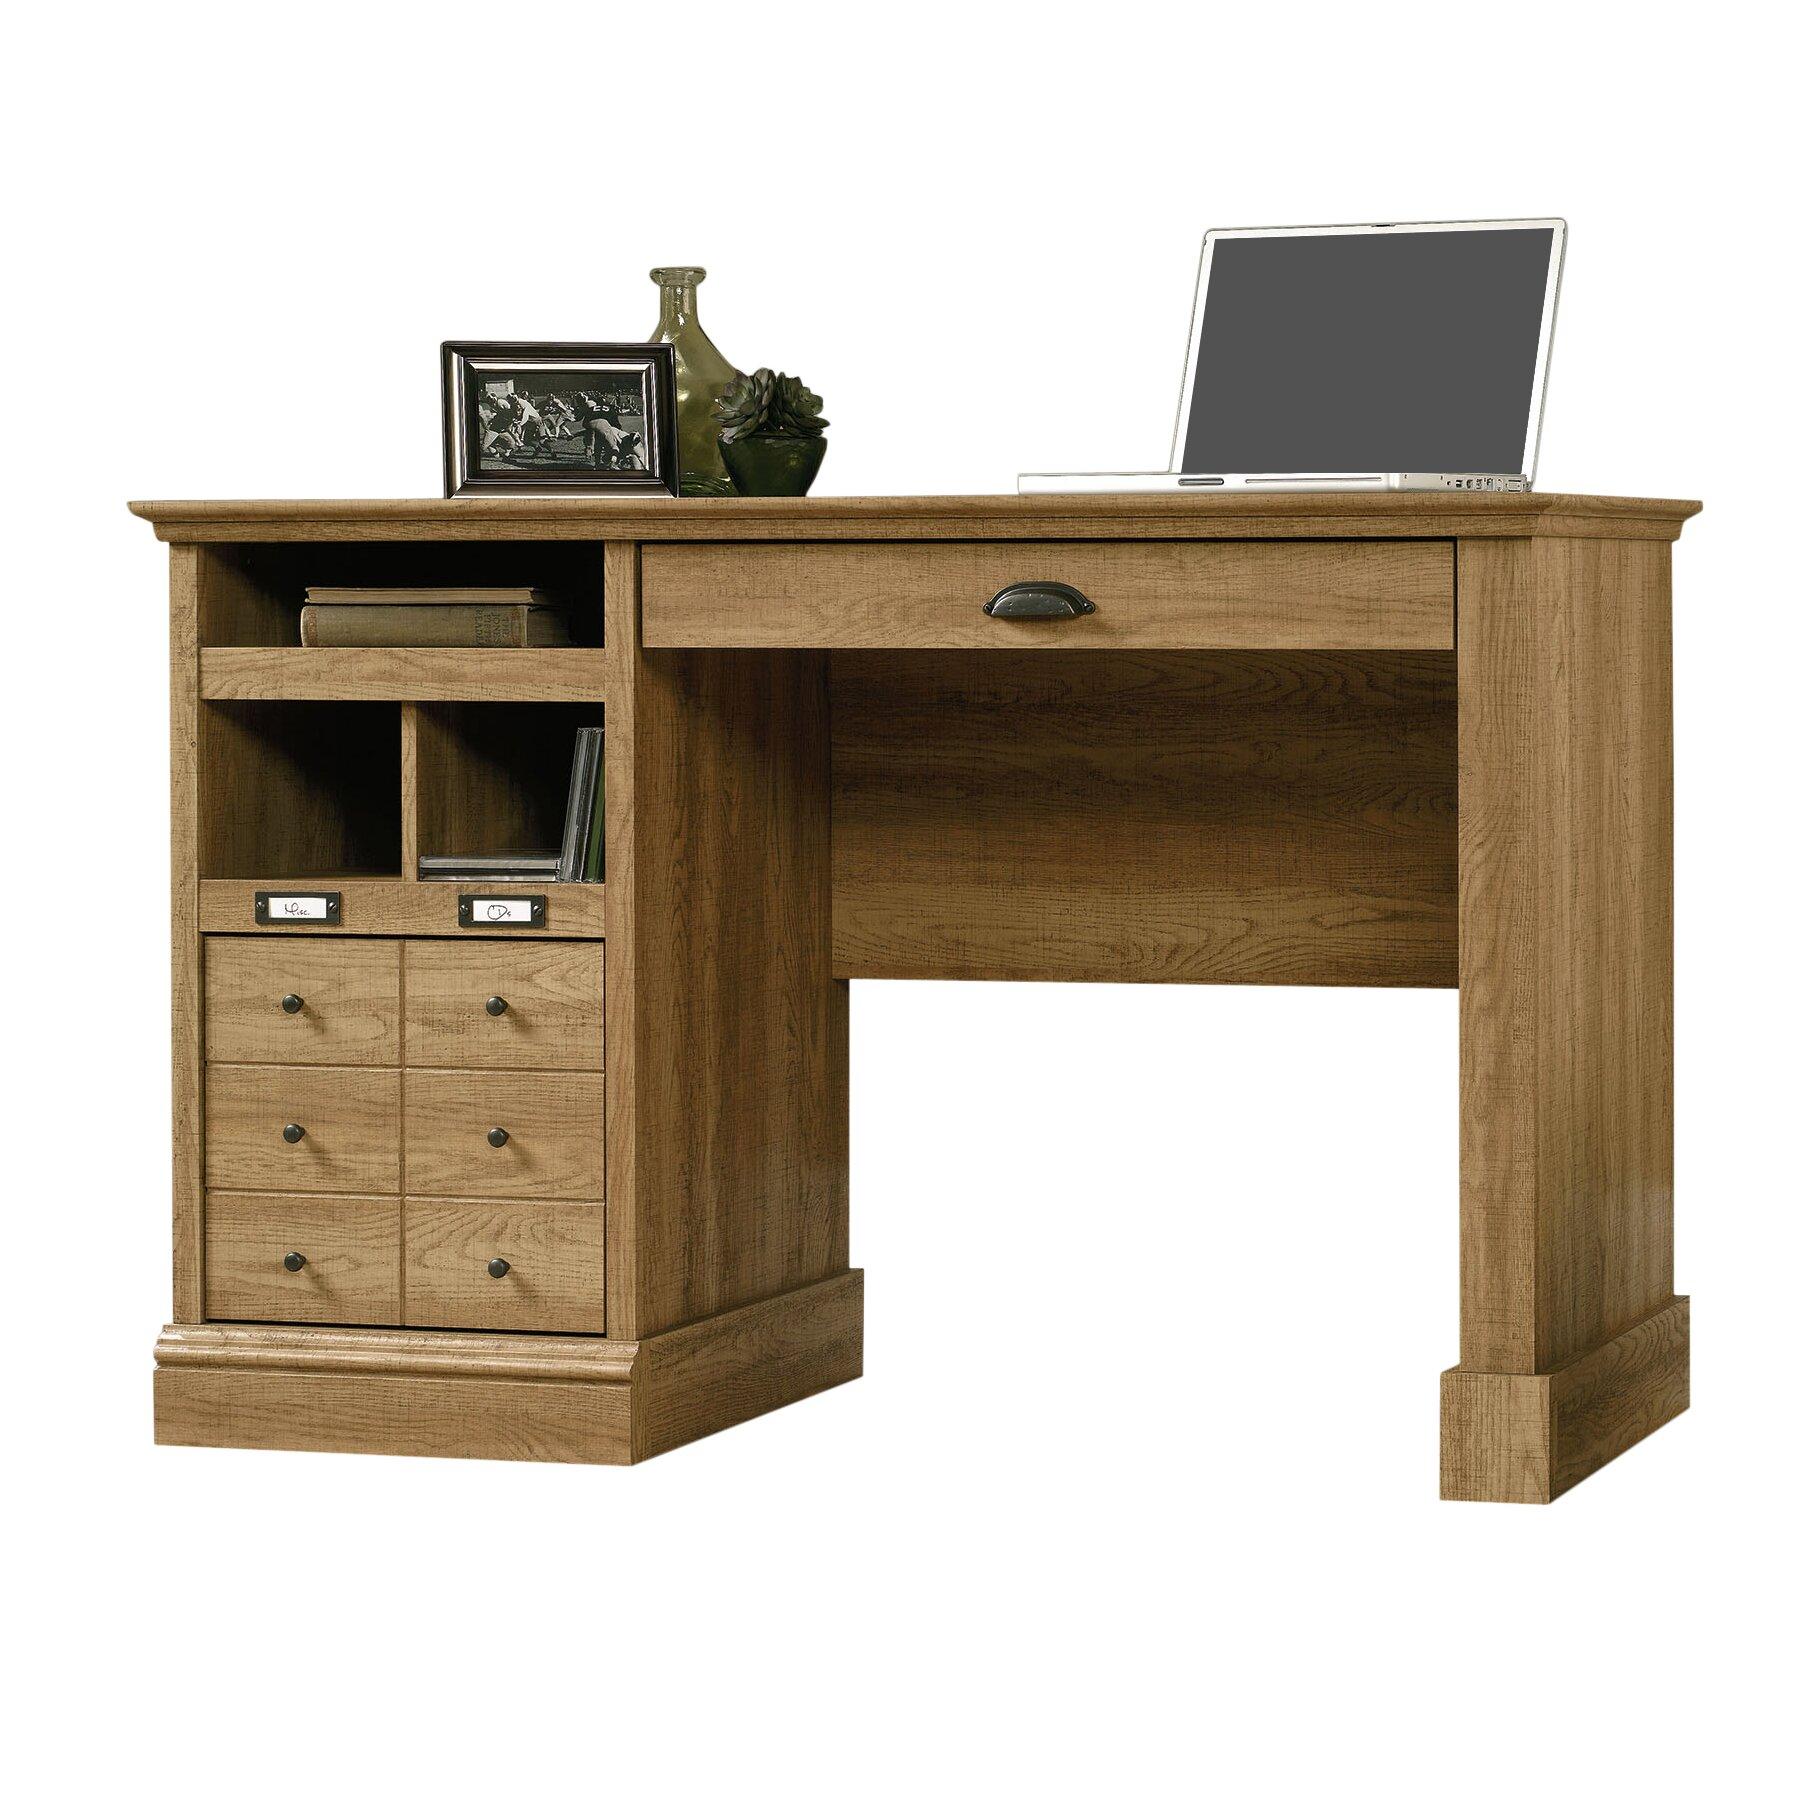 beachcrest home bowerbank puter desk with 2 storage